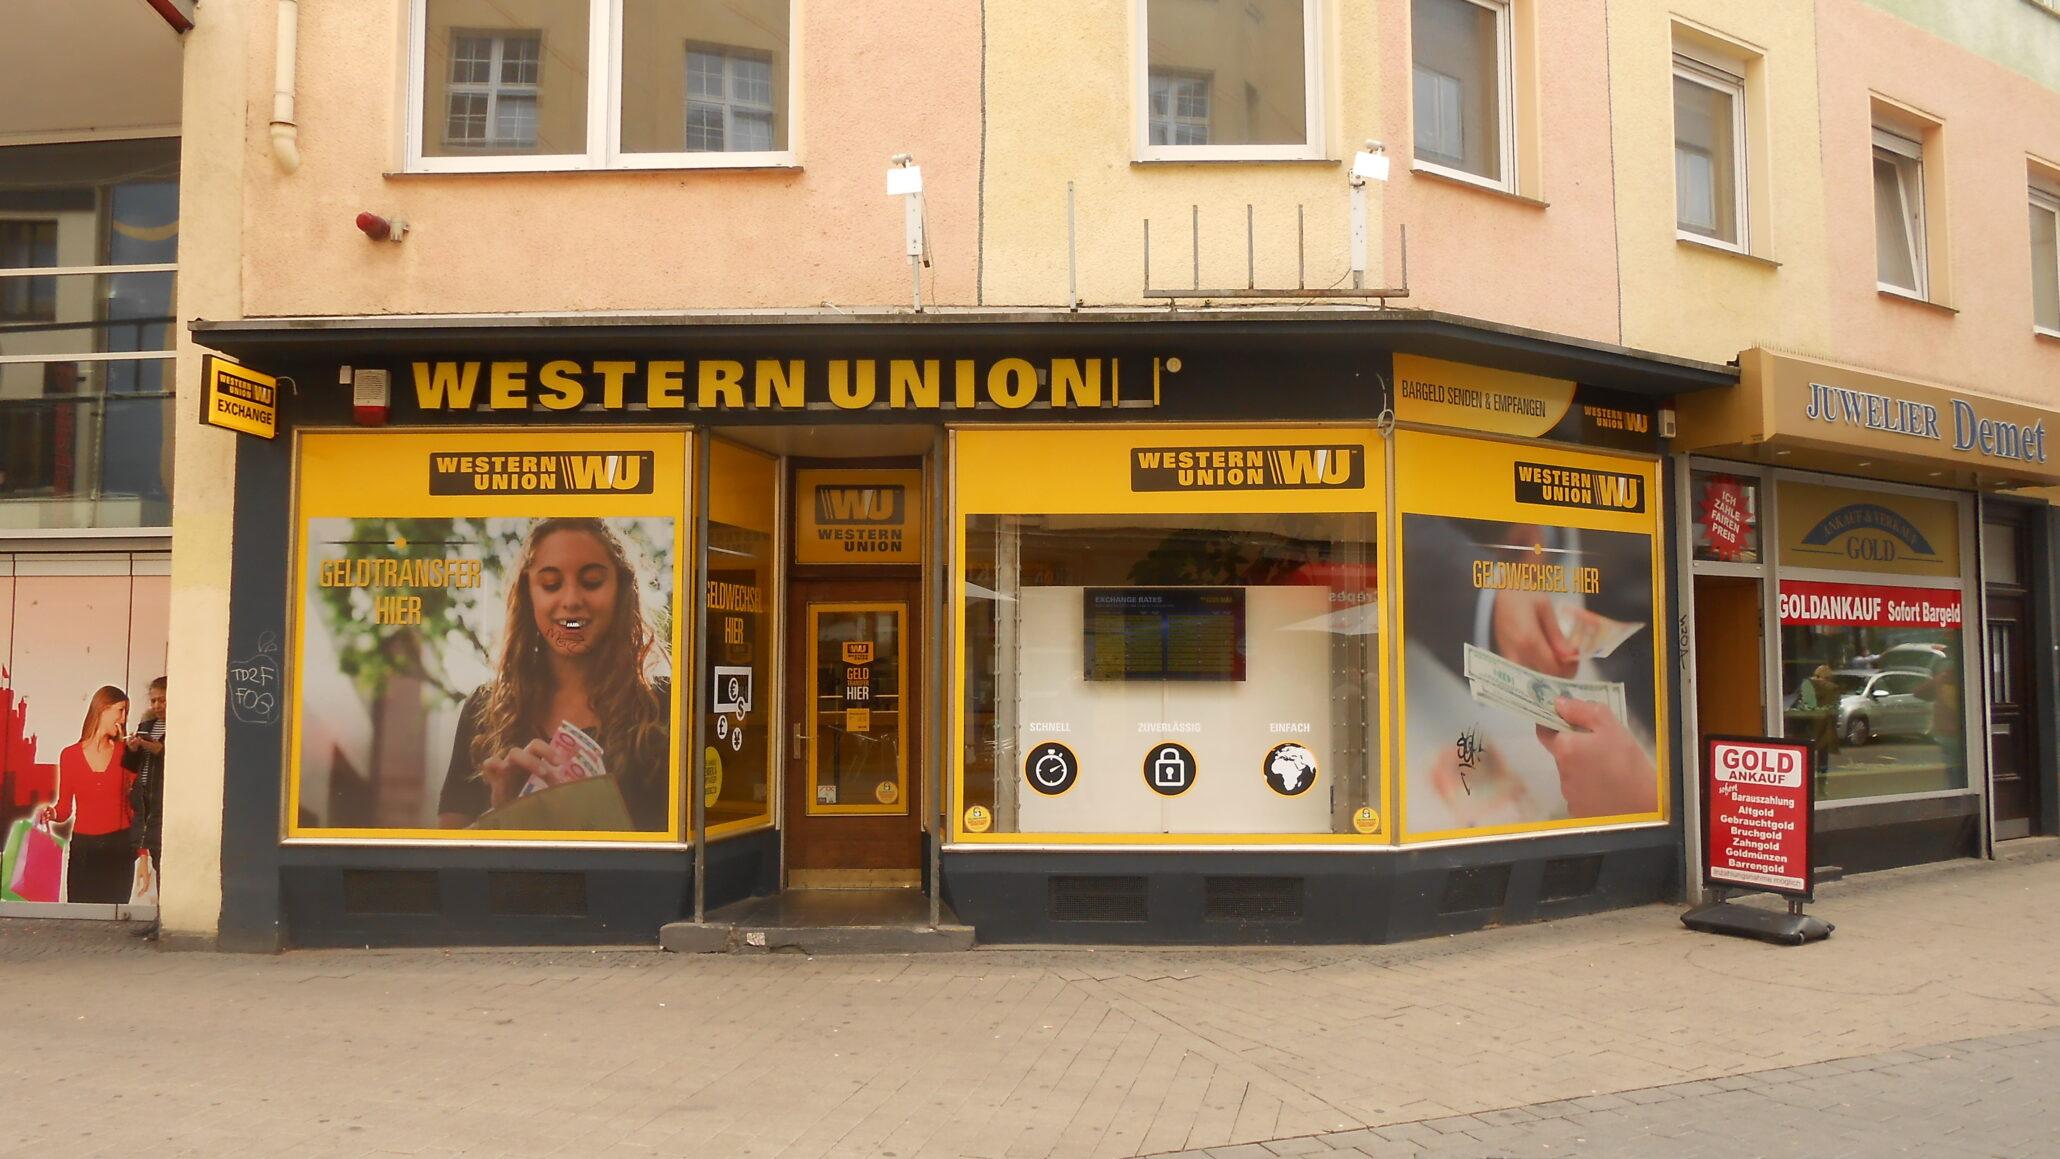 Western Union Customer Data Stolen - External Storage Firm